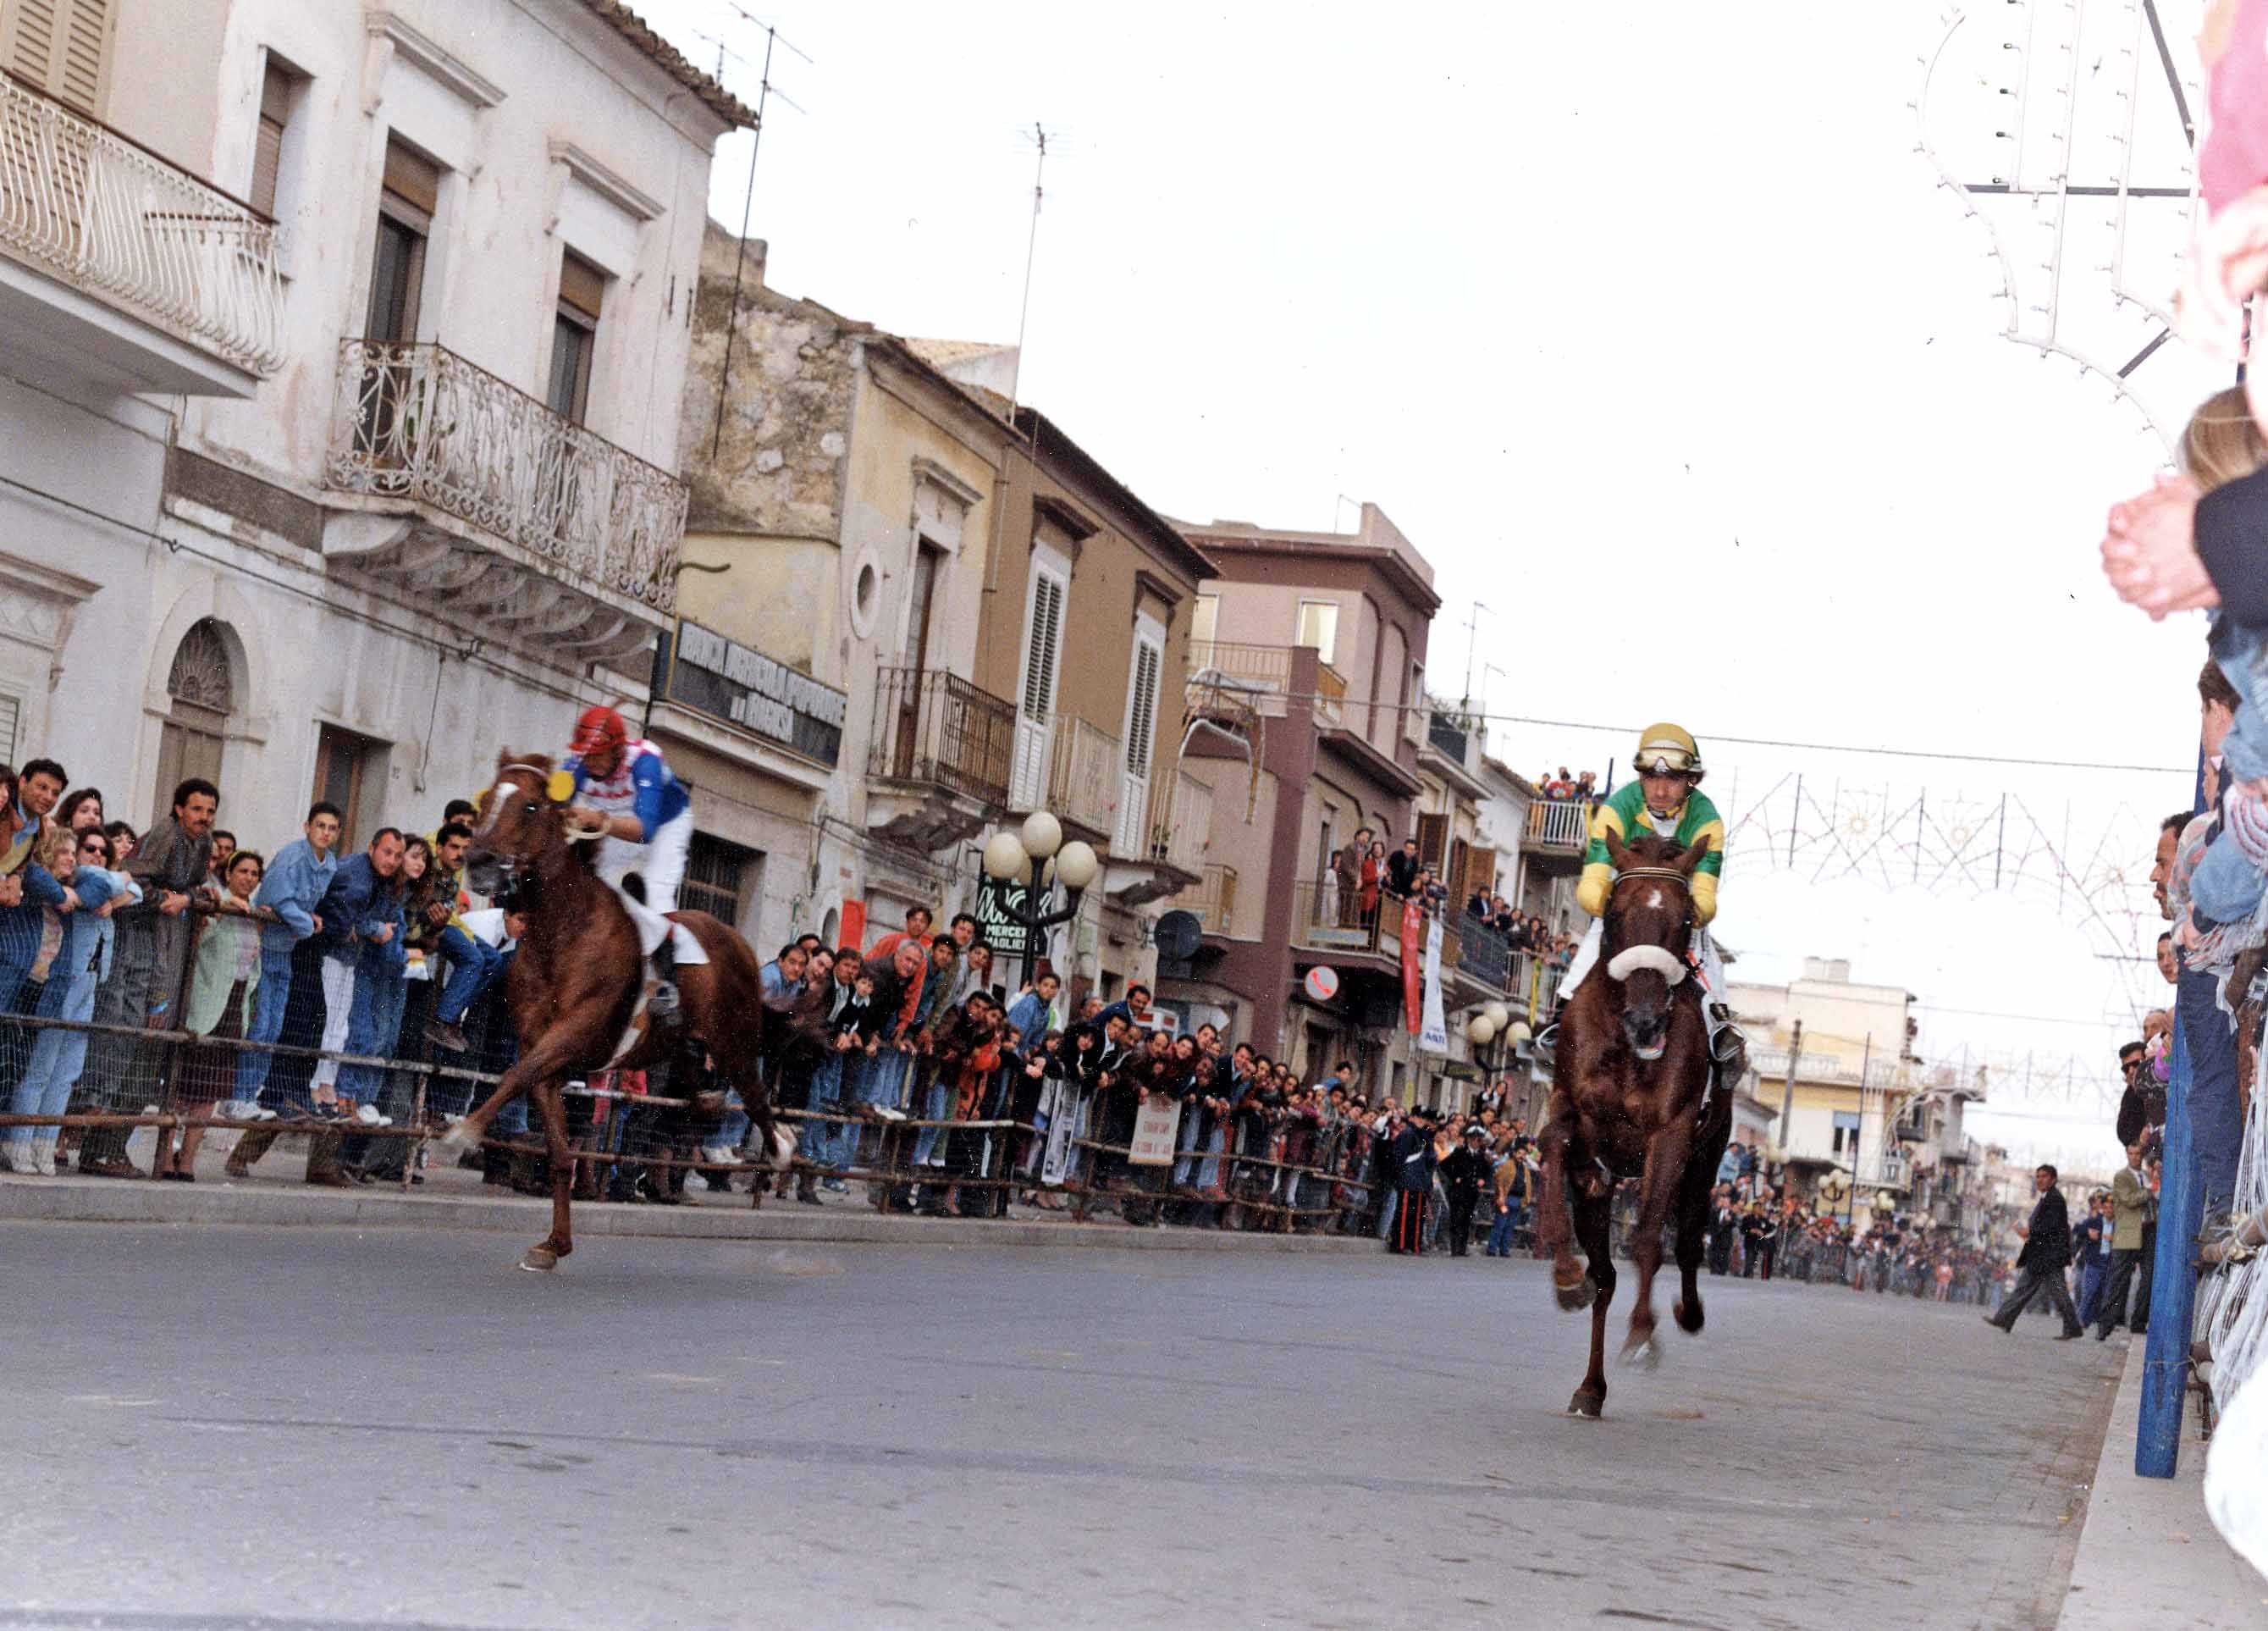 Acate.  Festa di San Vincenzo. Spettacoli equestri e gruppi folk per non far rimpiangere il Palio.